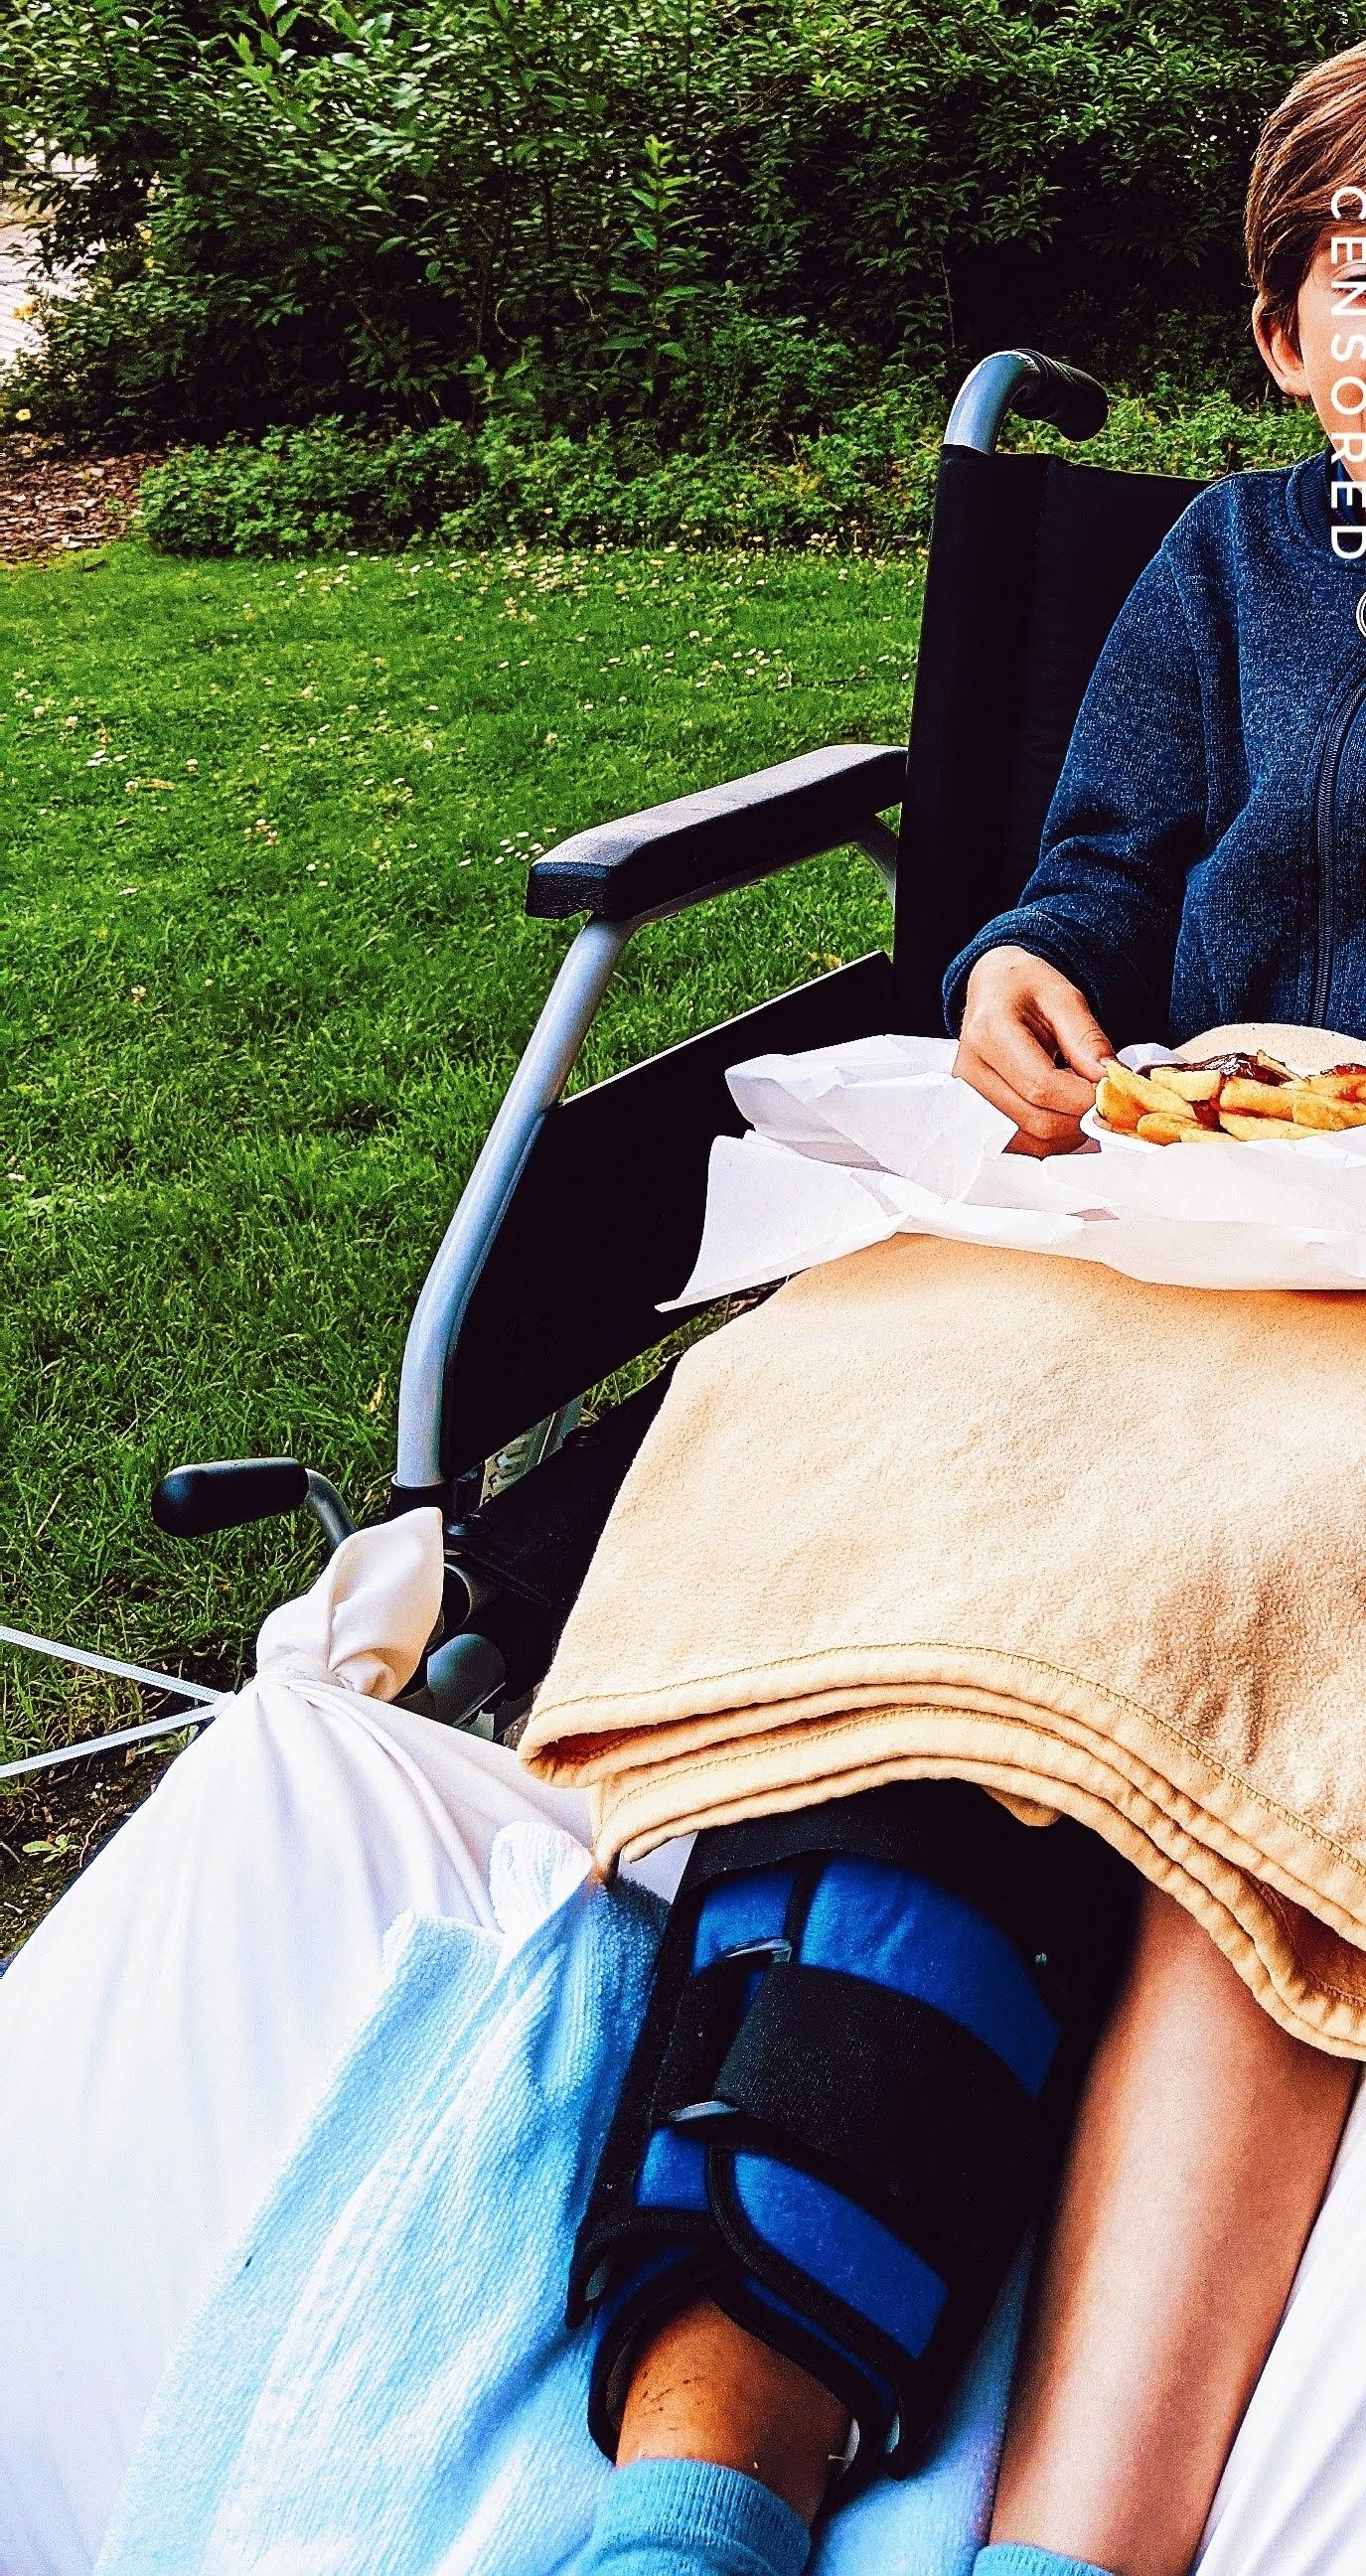 Symboldbild deutsches Gesundheitssystem: Rollstuhl in der Kinderklinik behelfsmäßig für ein gestrecktes Knie umgebaut ^^